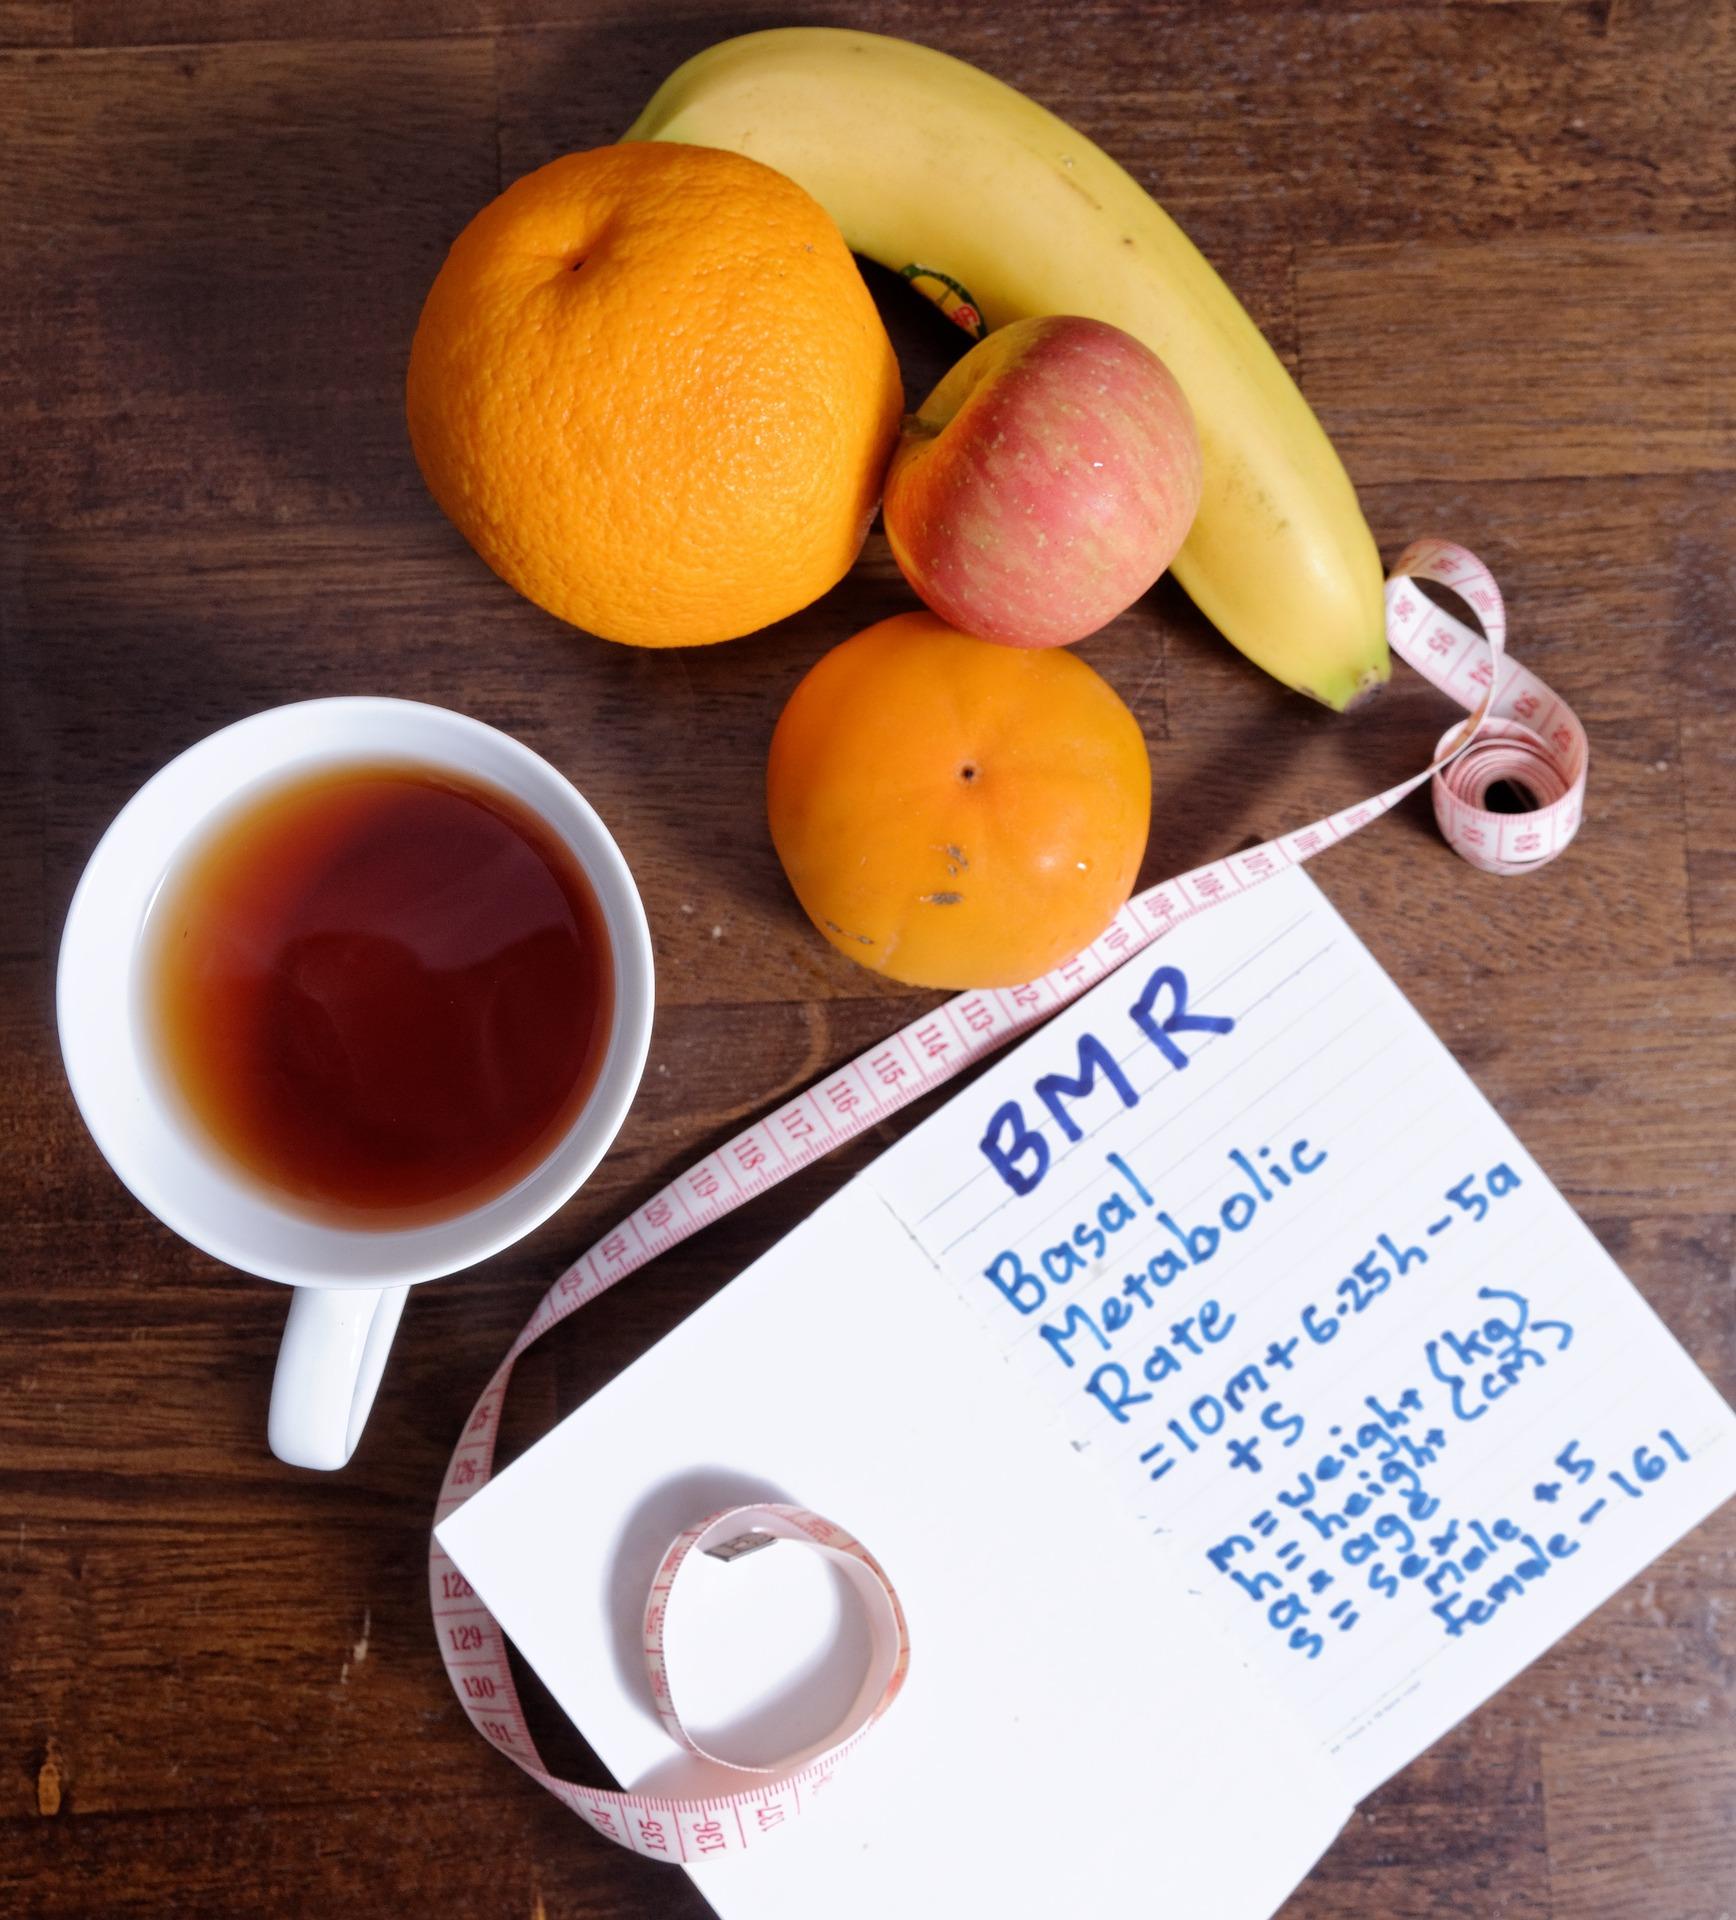 tratamente naturale pentru imbunatatirea metabolismului